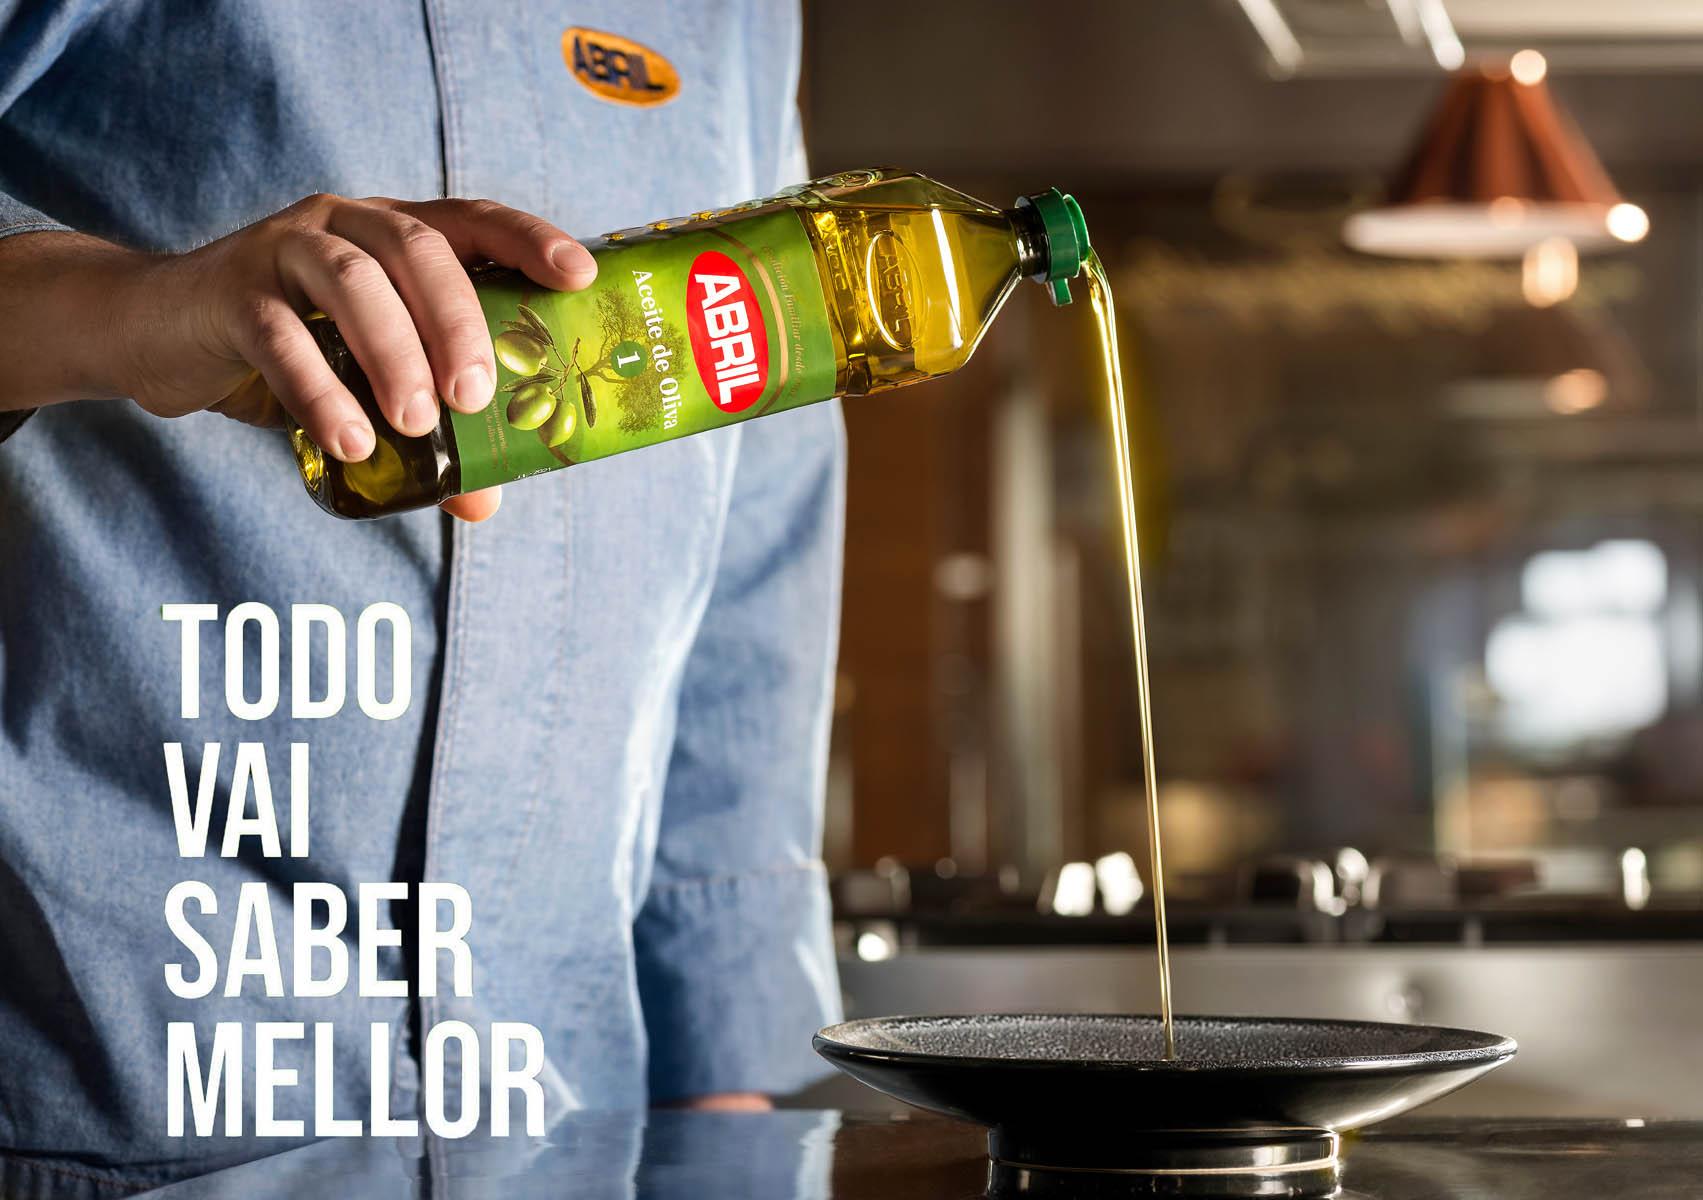 ramon-vaquero-fotografia_publicidad_aceites-abril_campaña_1